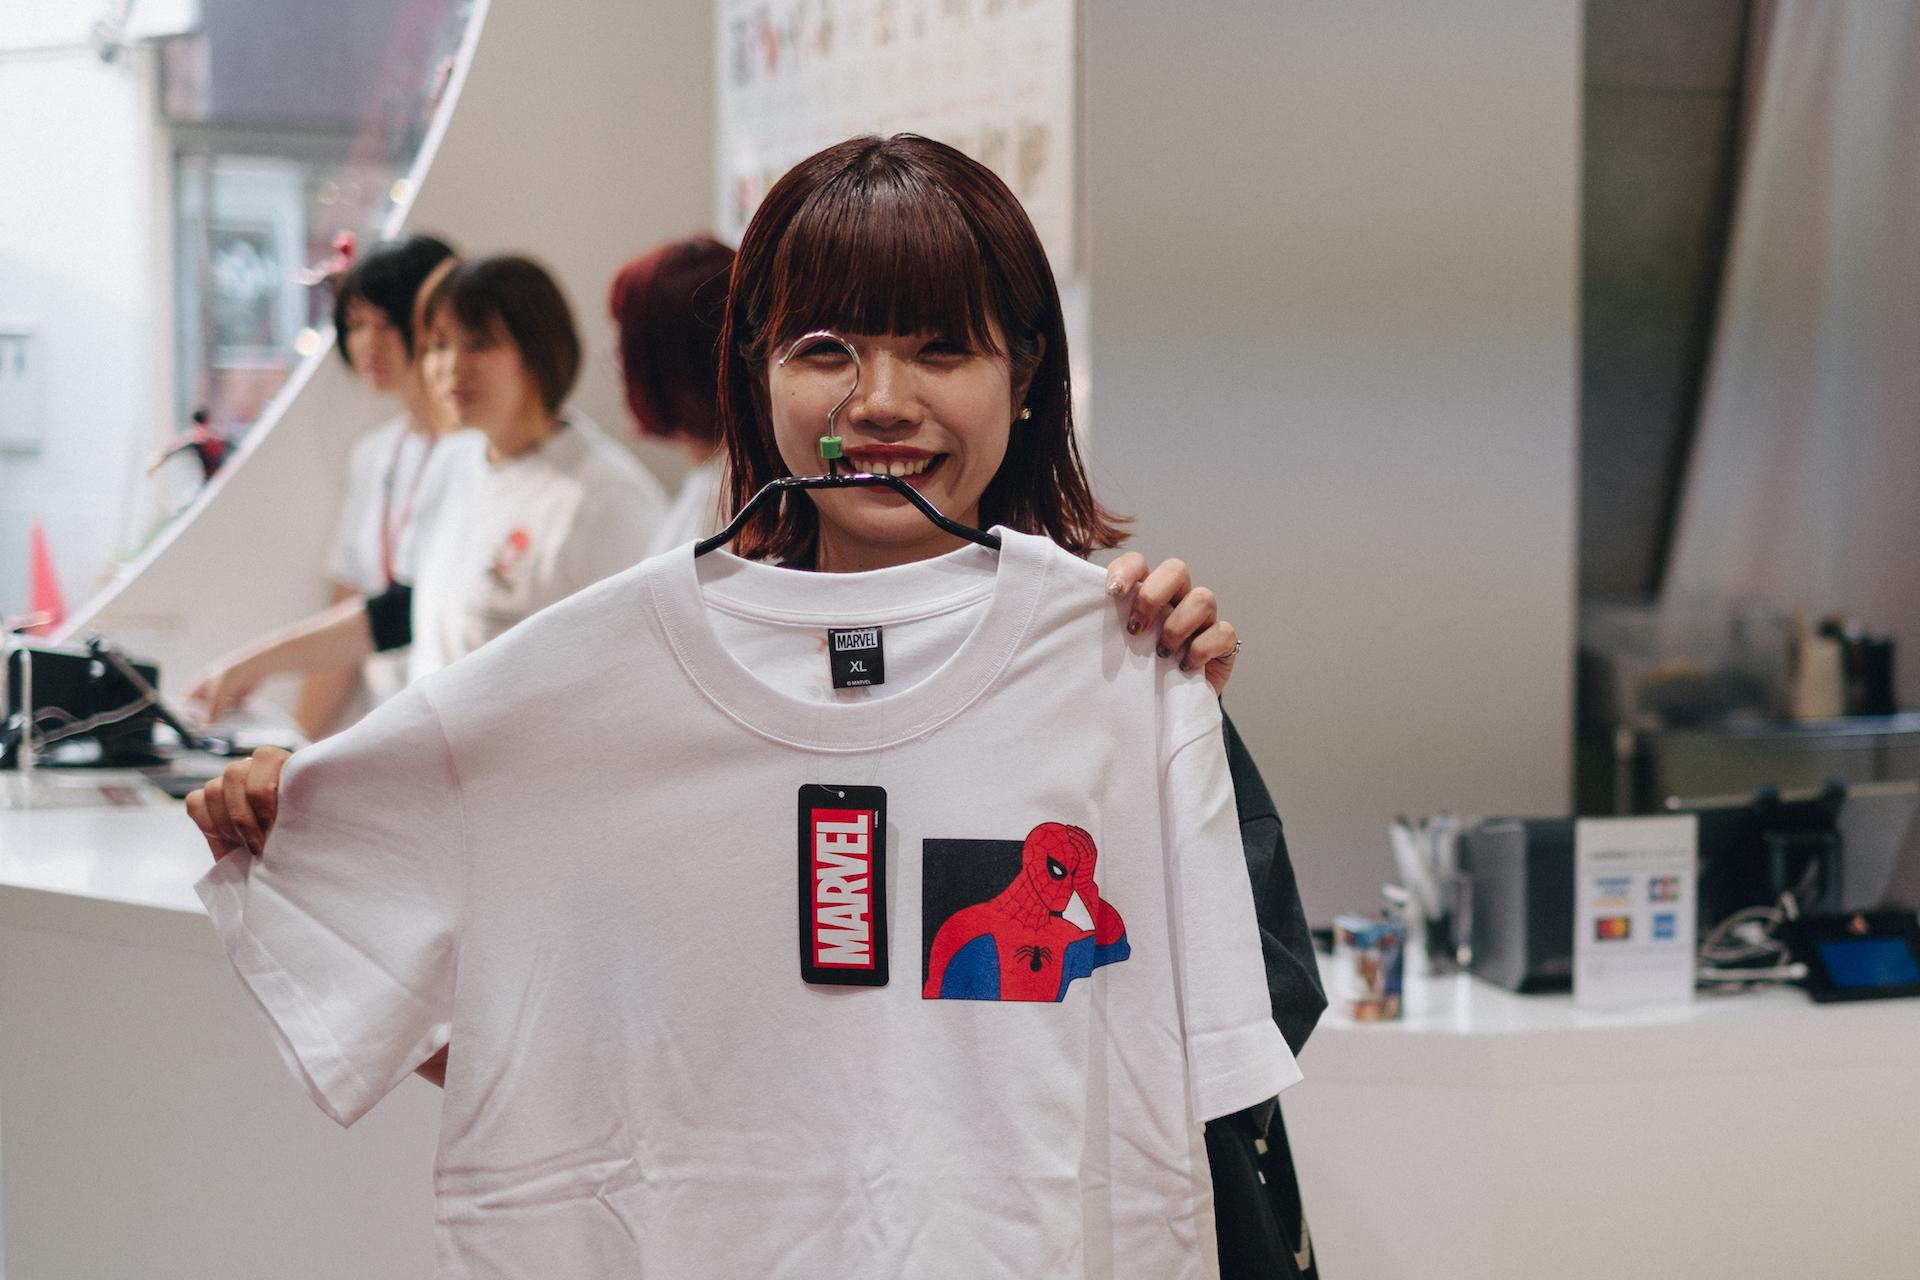 スパイダーマン好きなら目ギラギラ大興奮必至の期間限定ショップ探訪 art-culture-spiderman-store-report-24